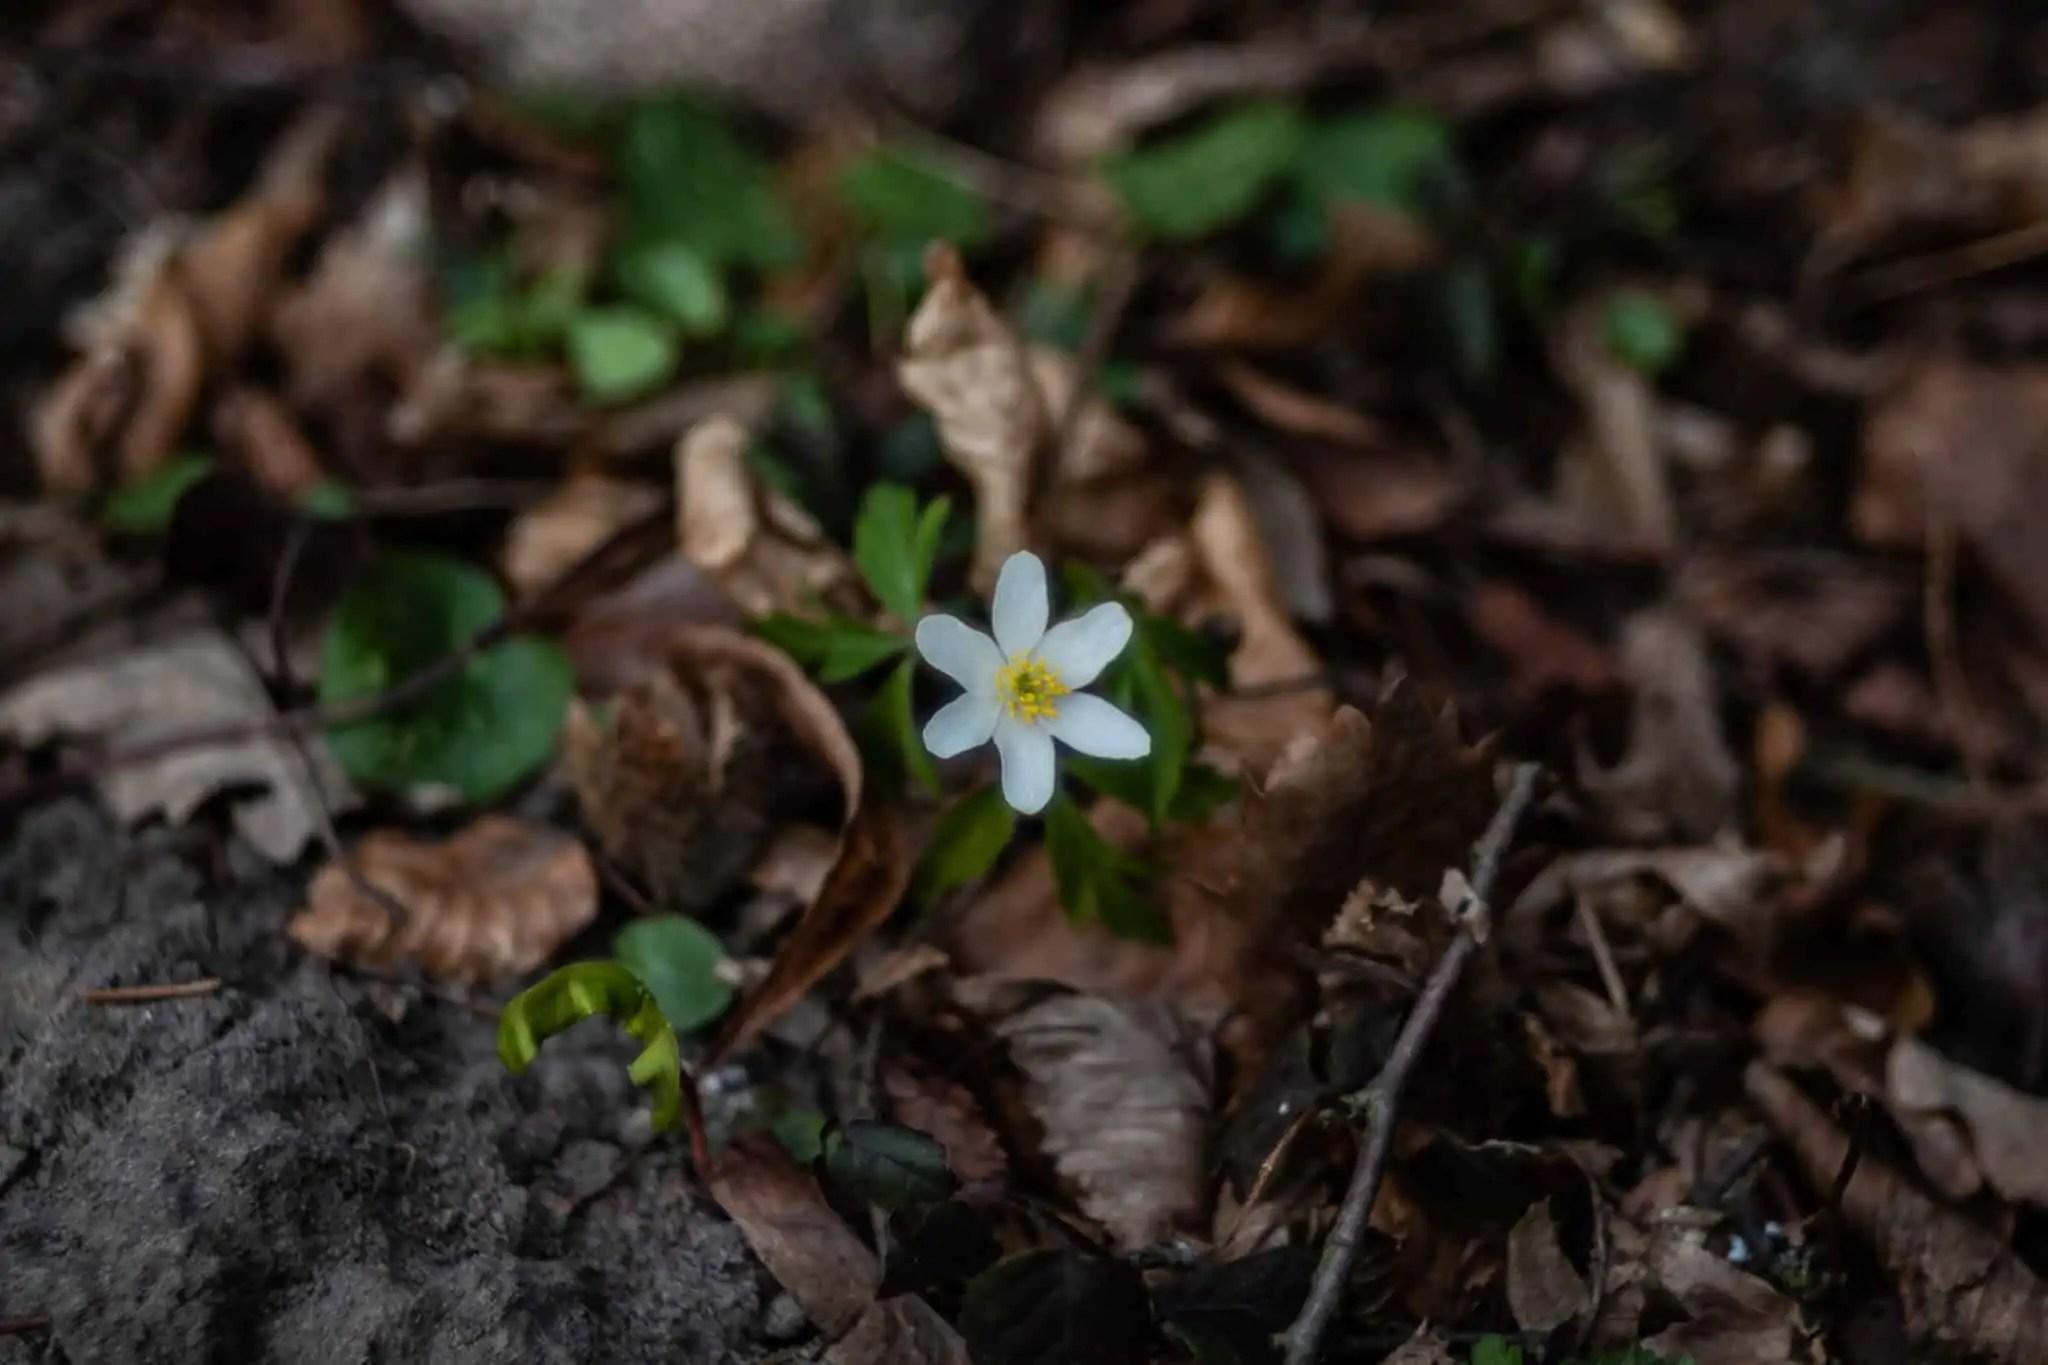 Wiosenny Las Fujinon 58mm F2.2 3 scaled - Najlepszy prezent dla fotografa jest darmowy. Resztę kupisz do 100 pln